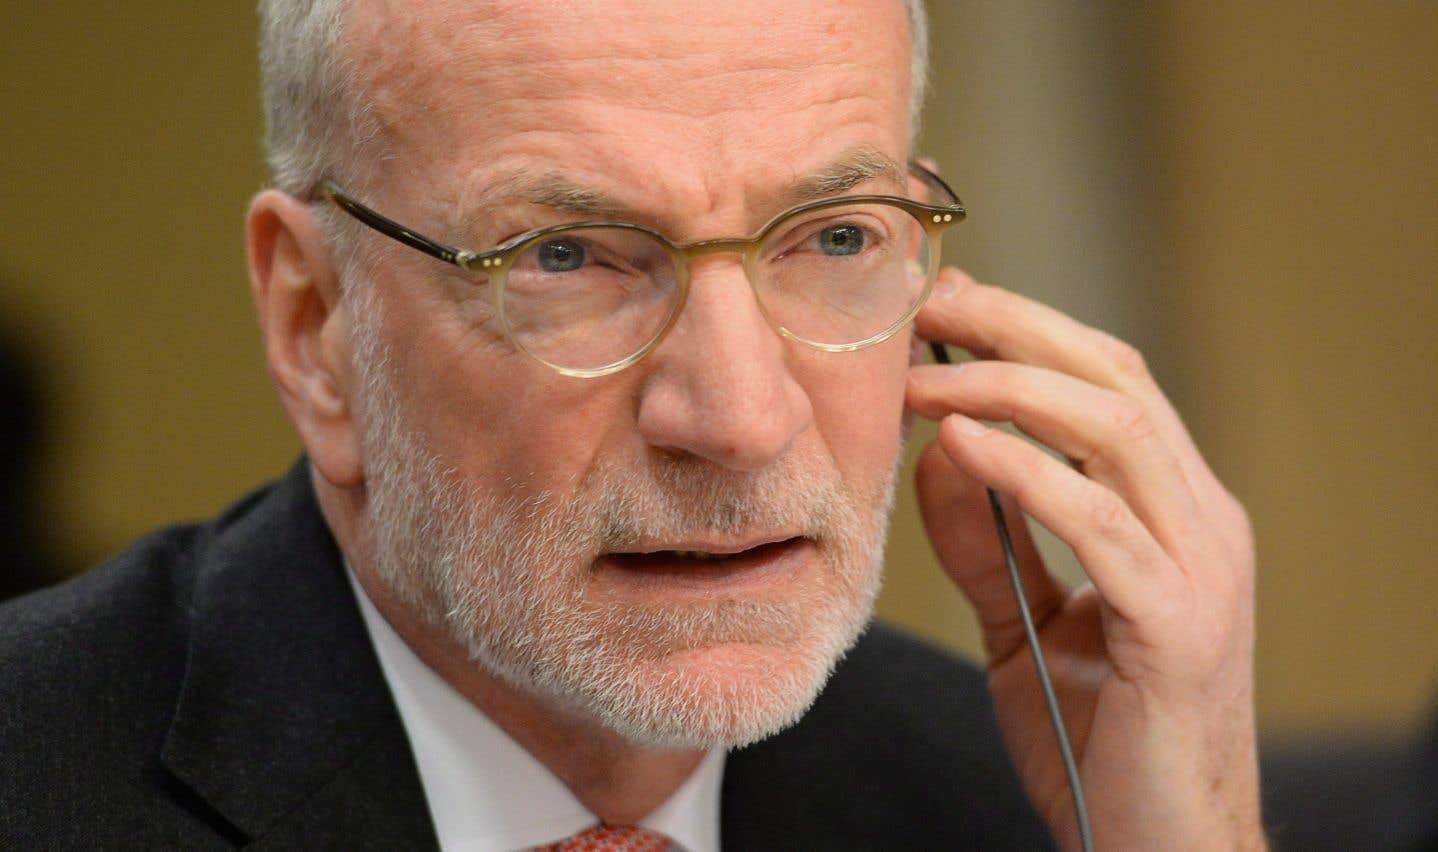 Hubert Lacroix, le président-directeur général sortant de CBC/Radio-Canada